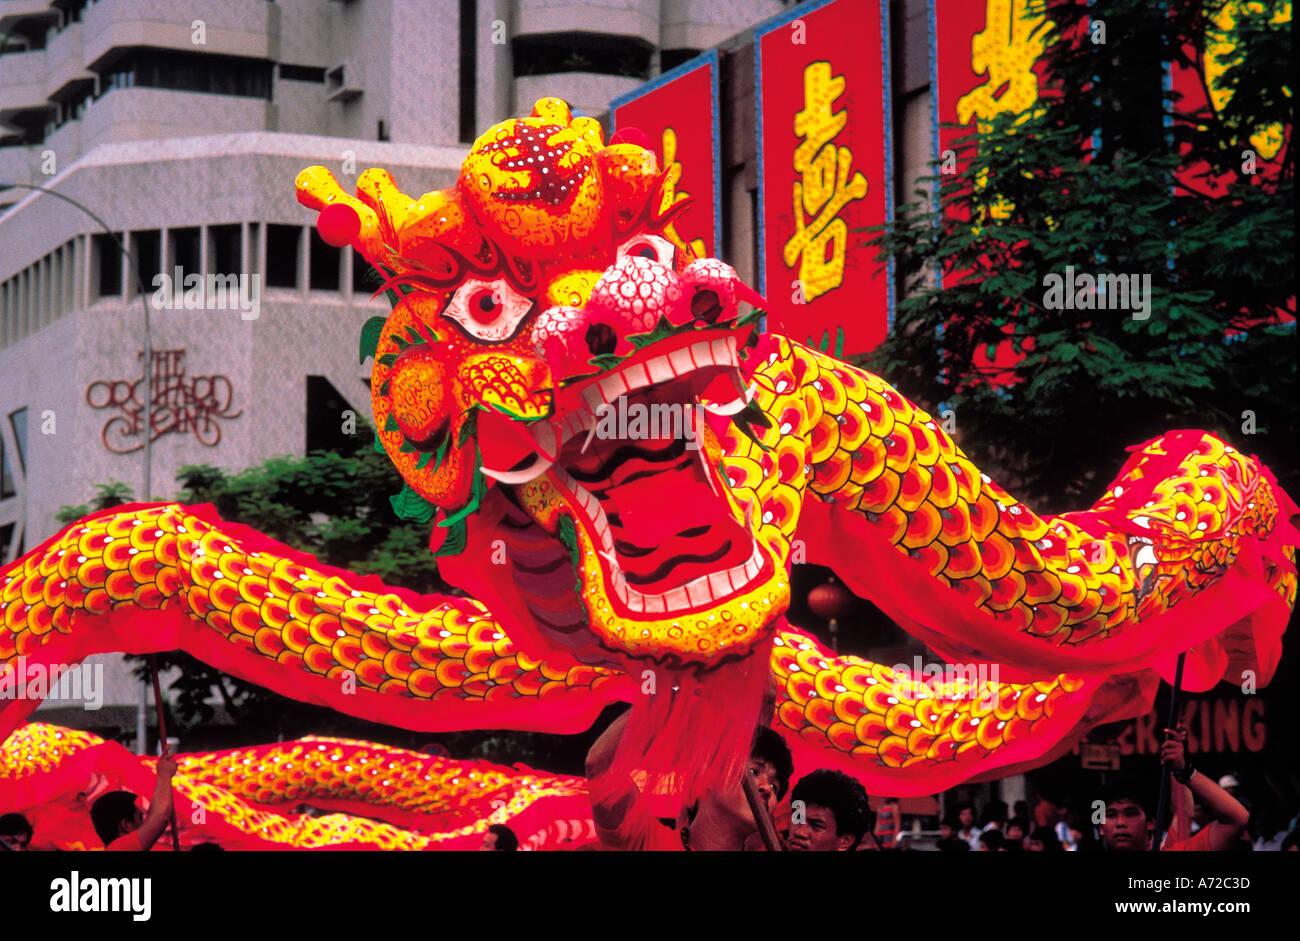 chinese dragons dancing at